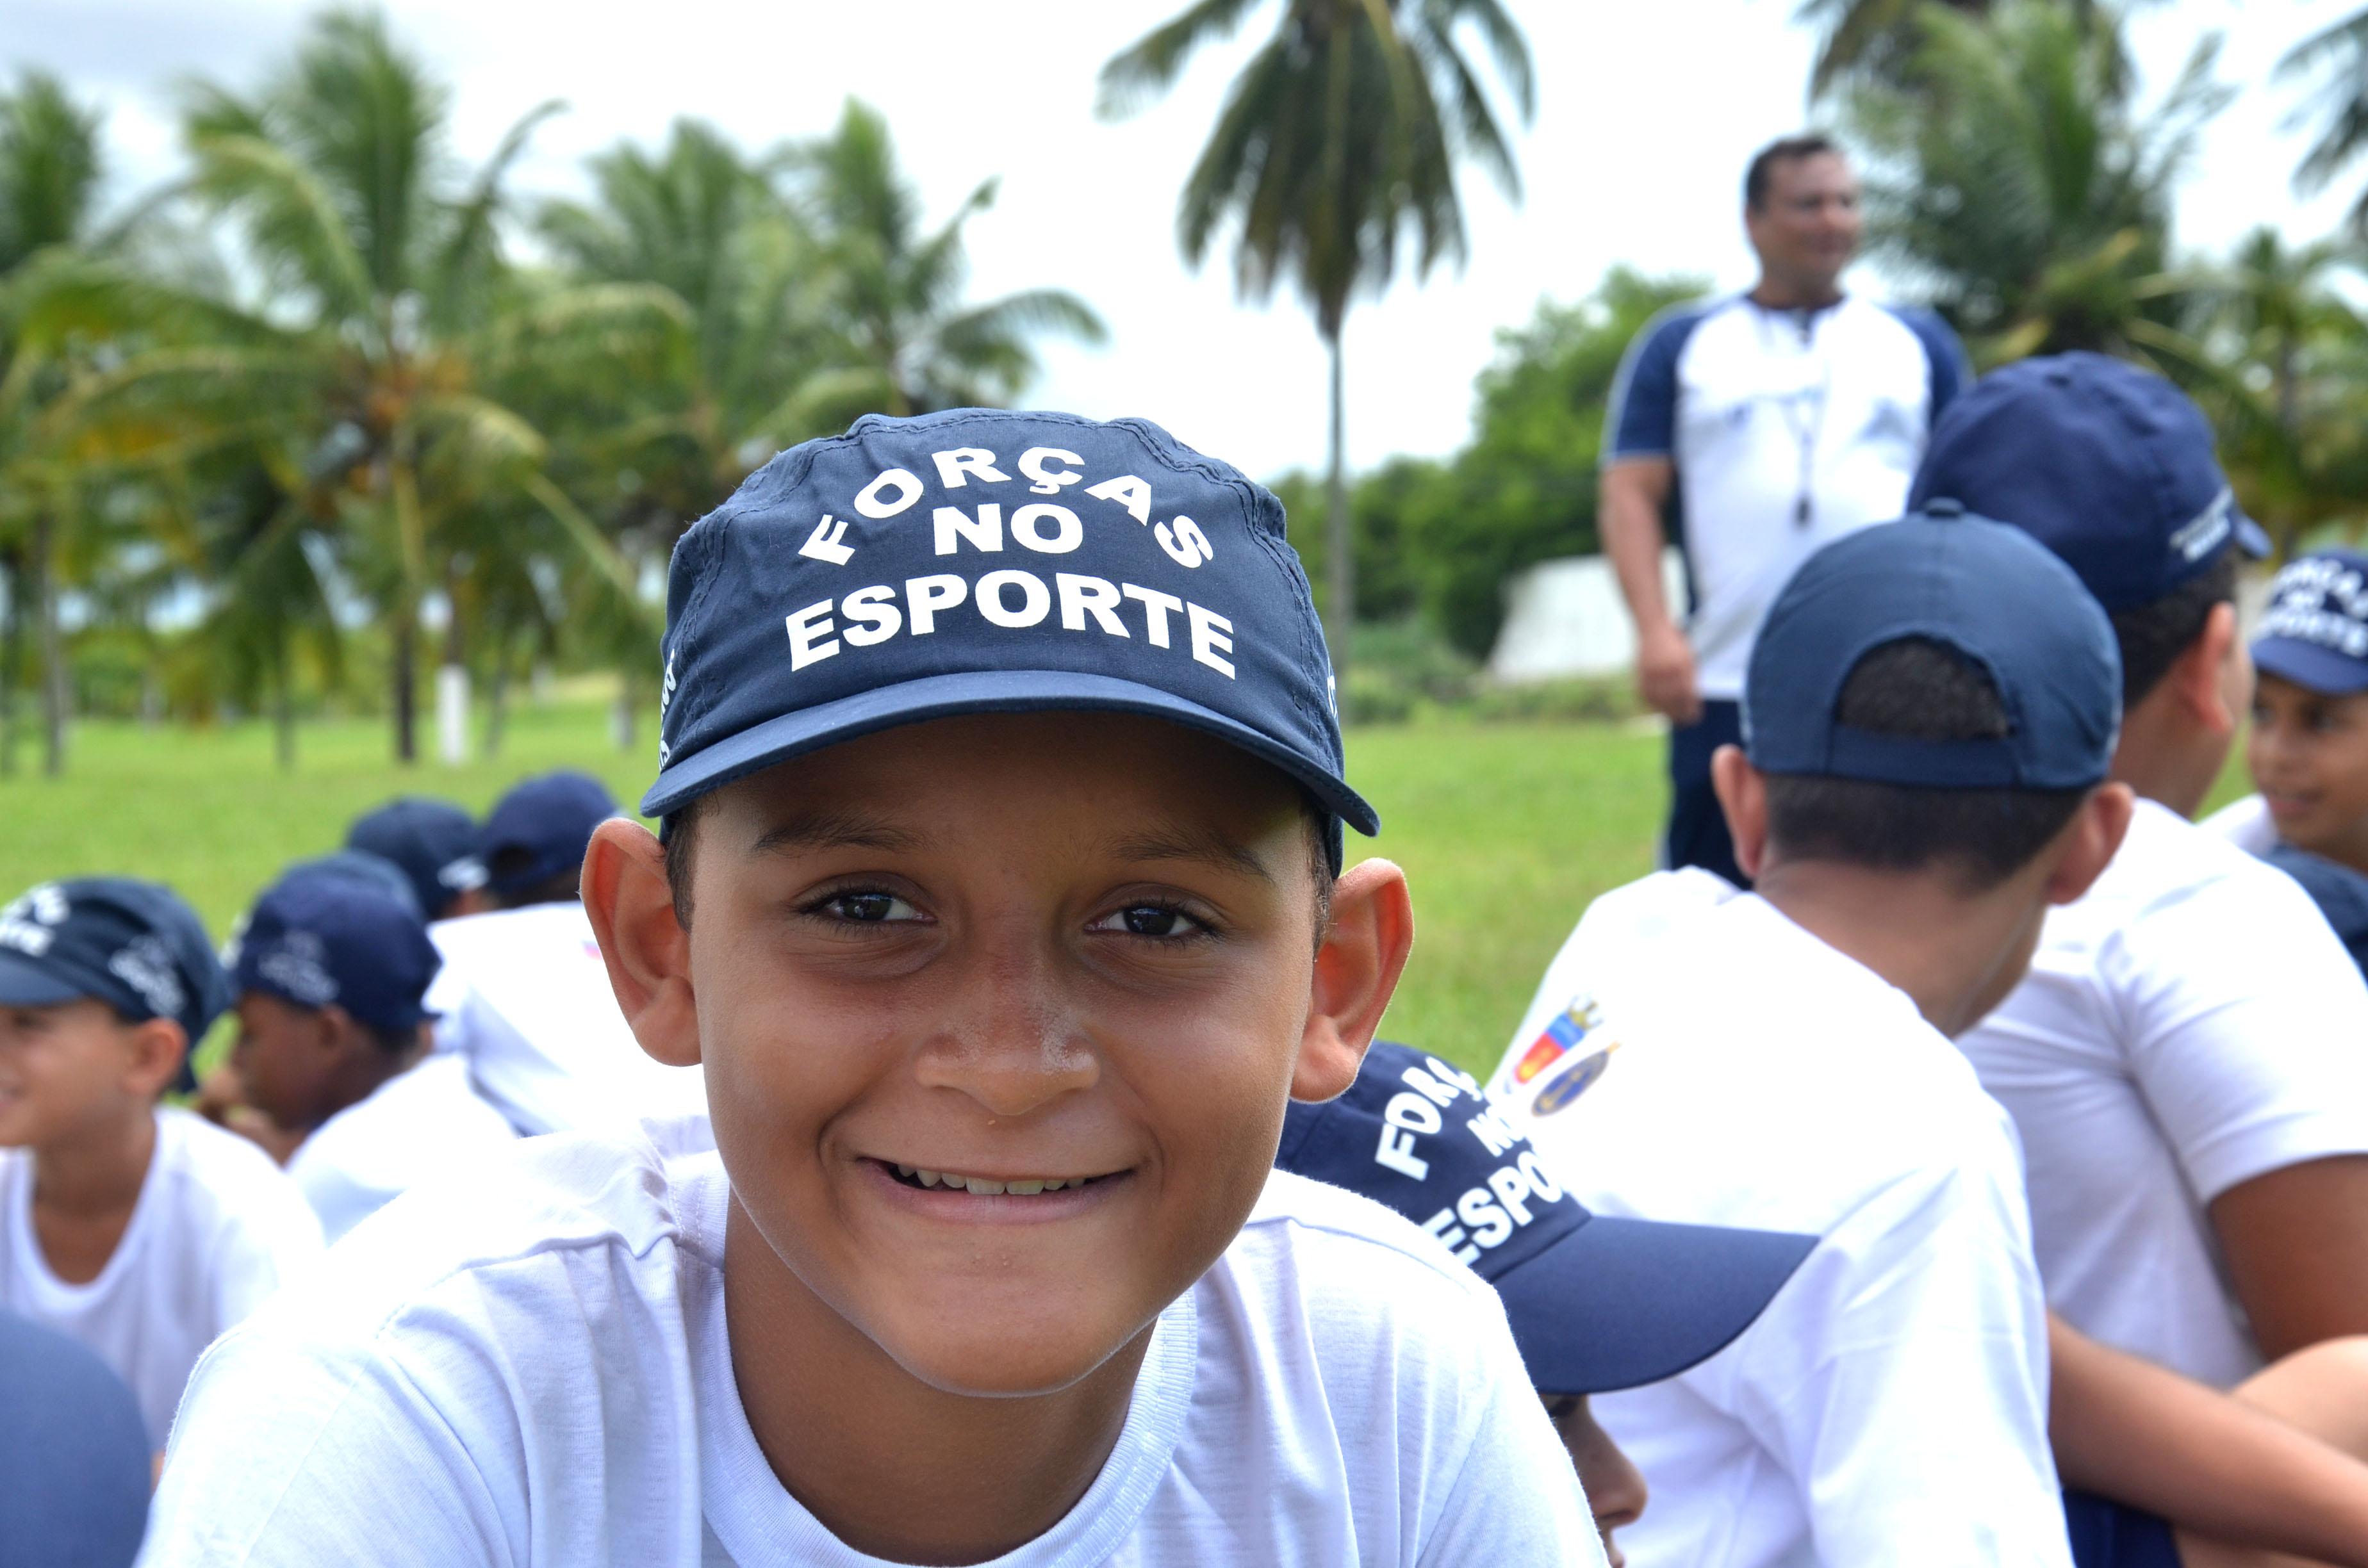 """Programa """"Forças no Esporte"""" beneficia mais de 300 alunos em São Gonçalo"""